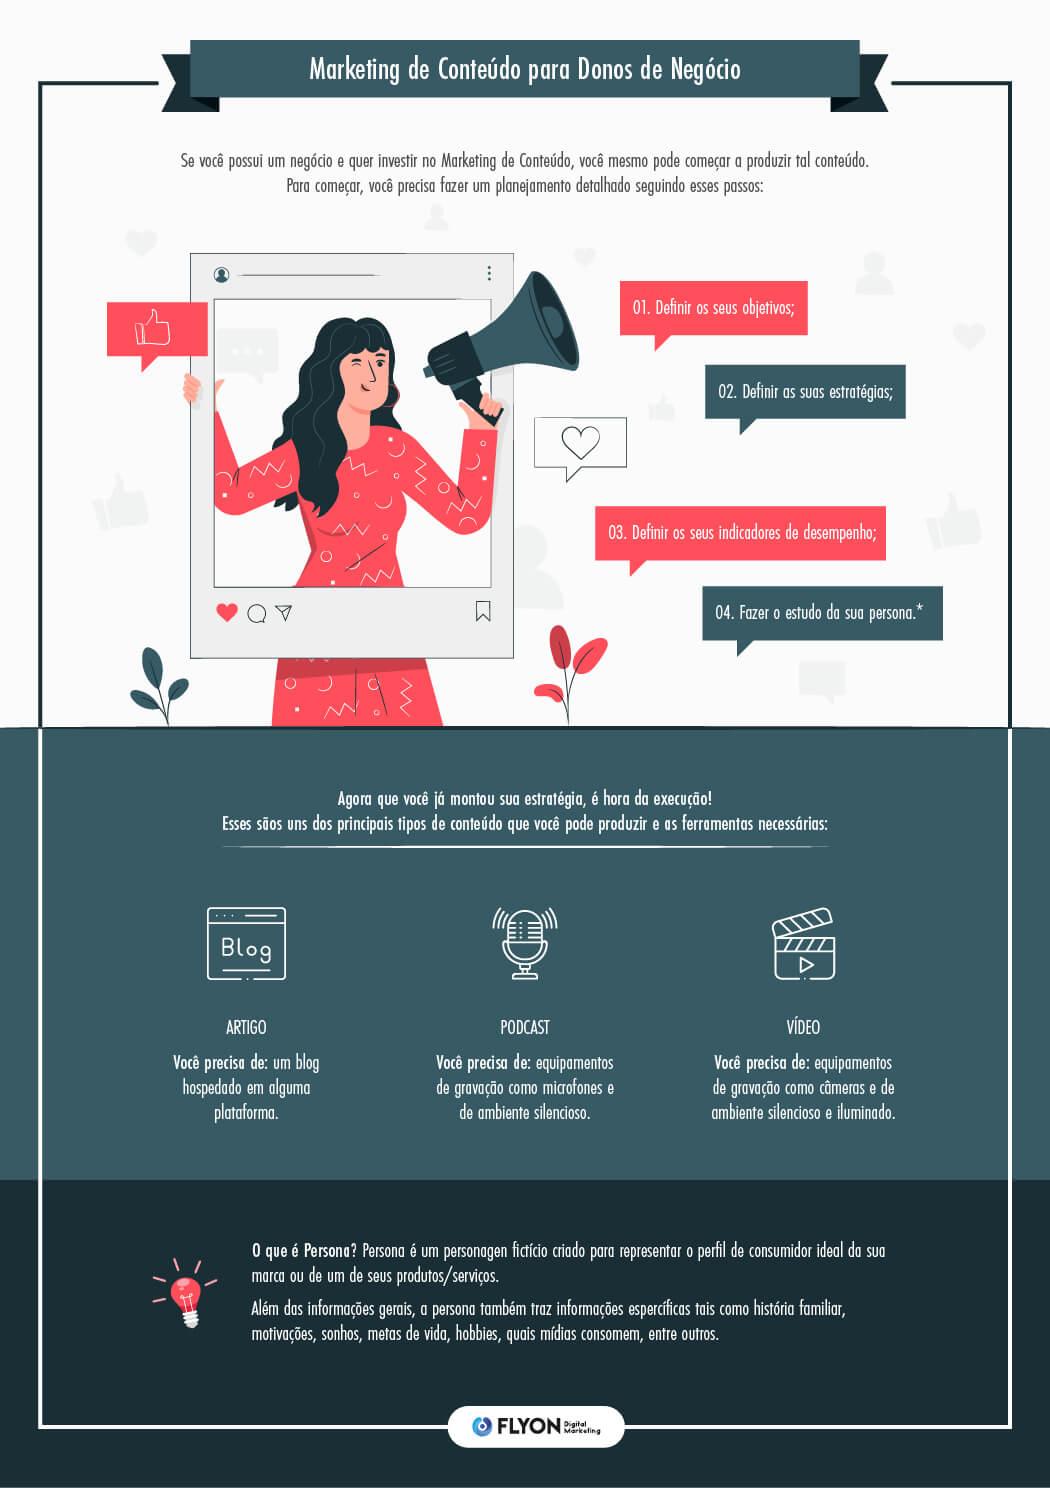 como trabalhar com marketing de conteúdo